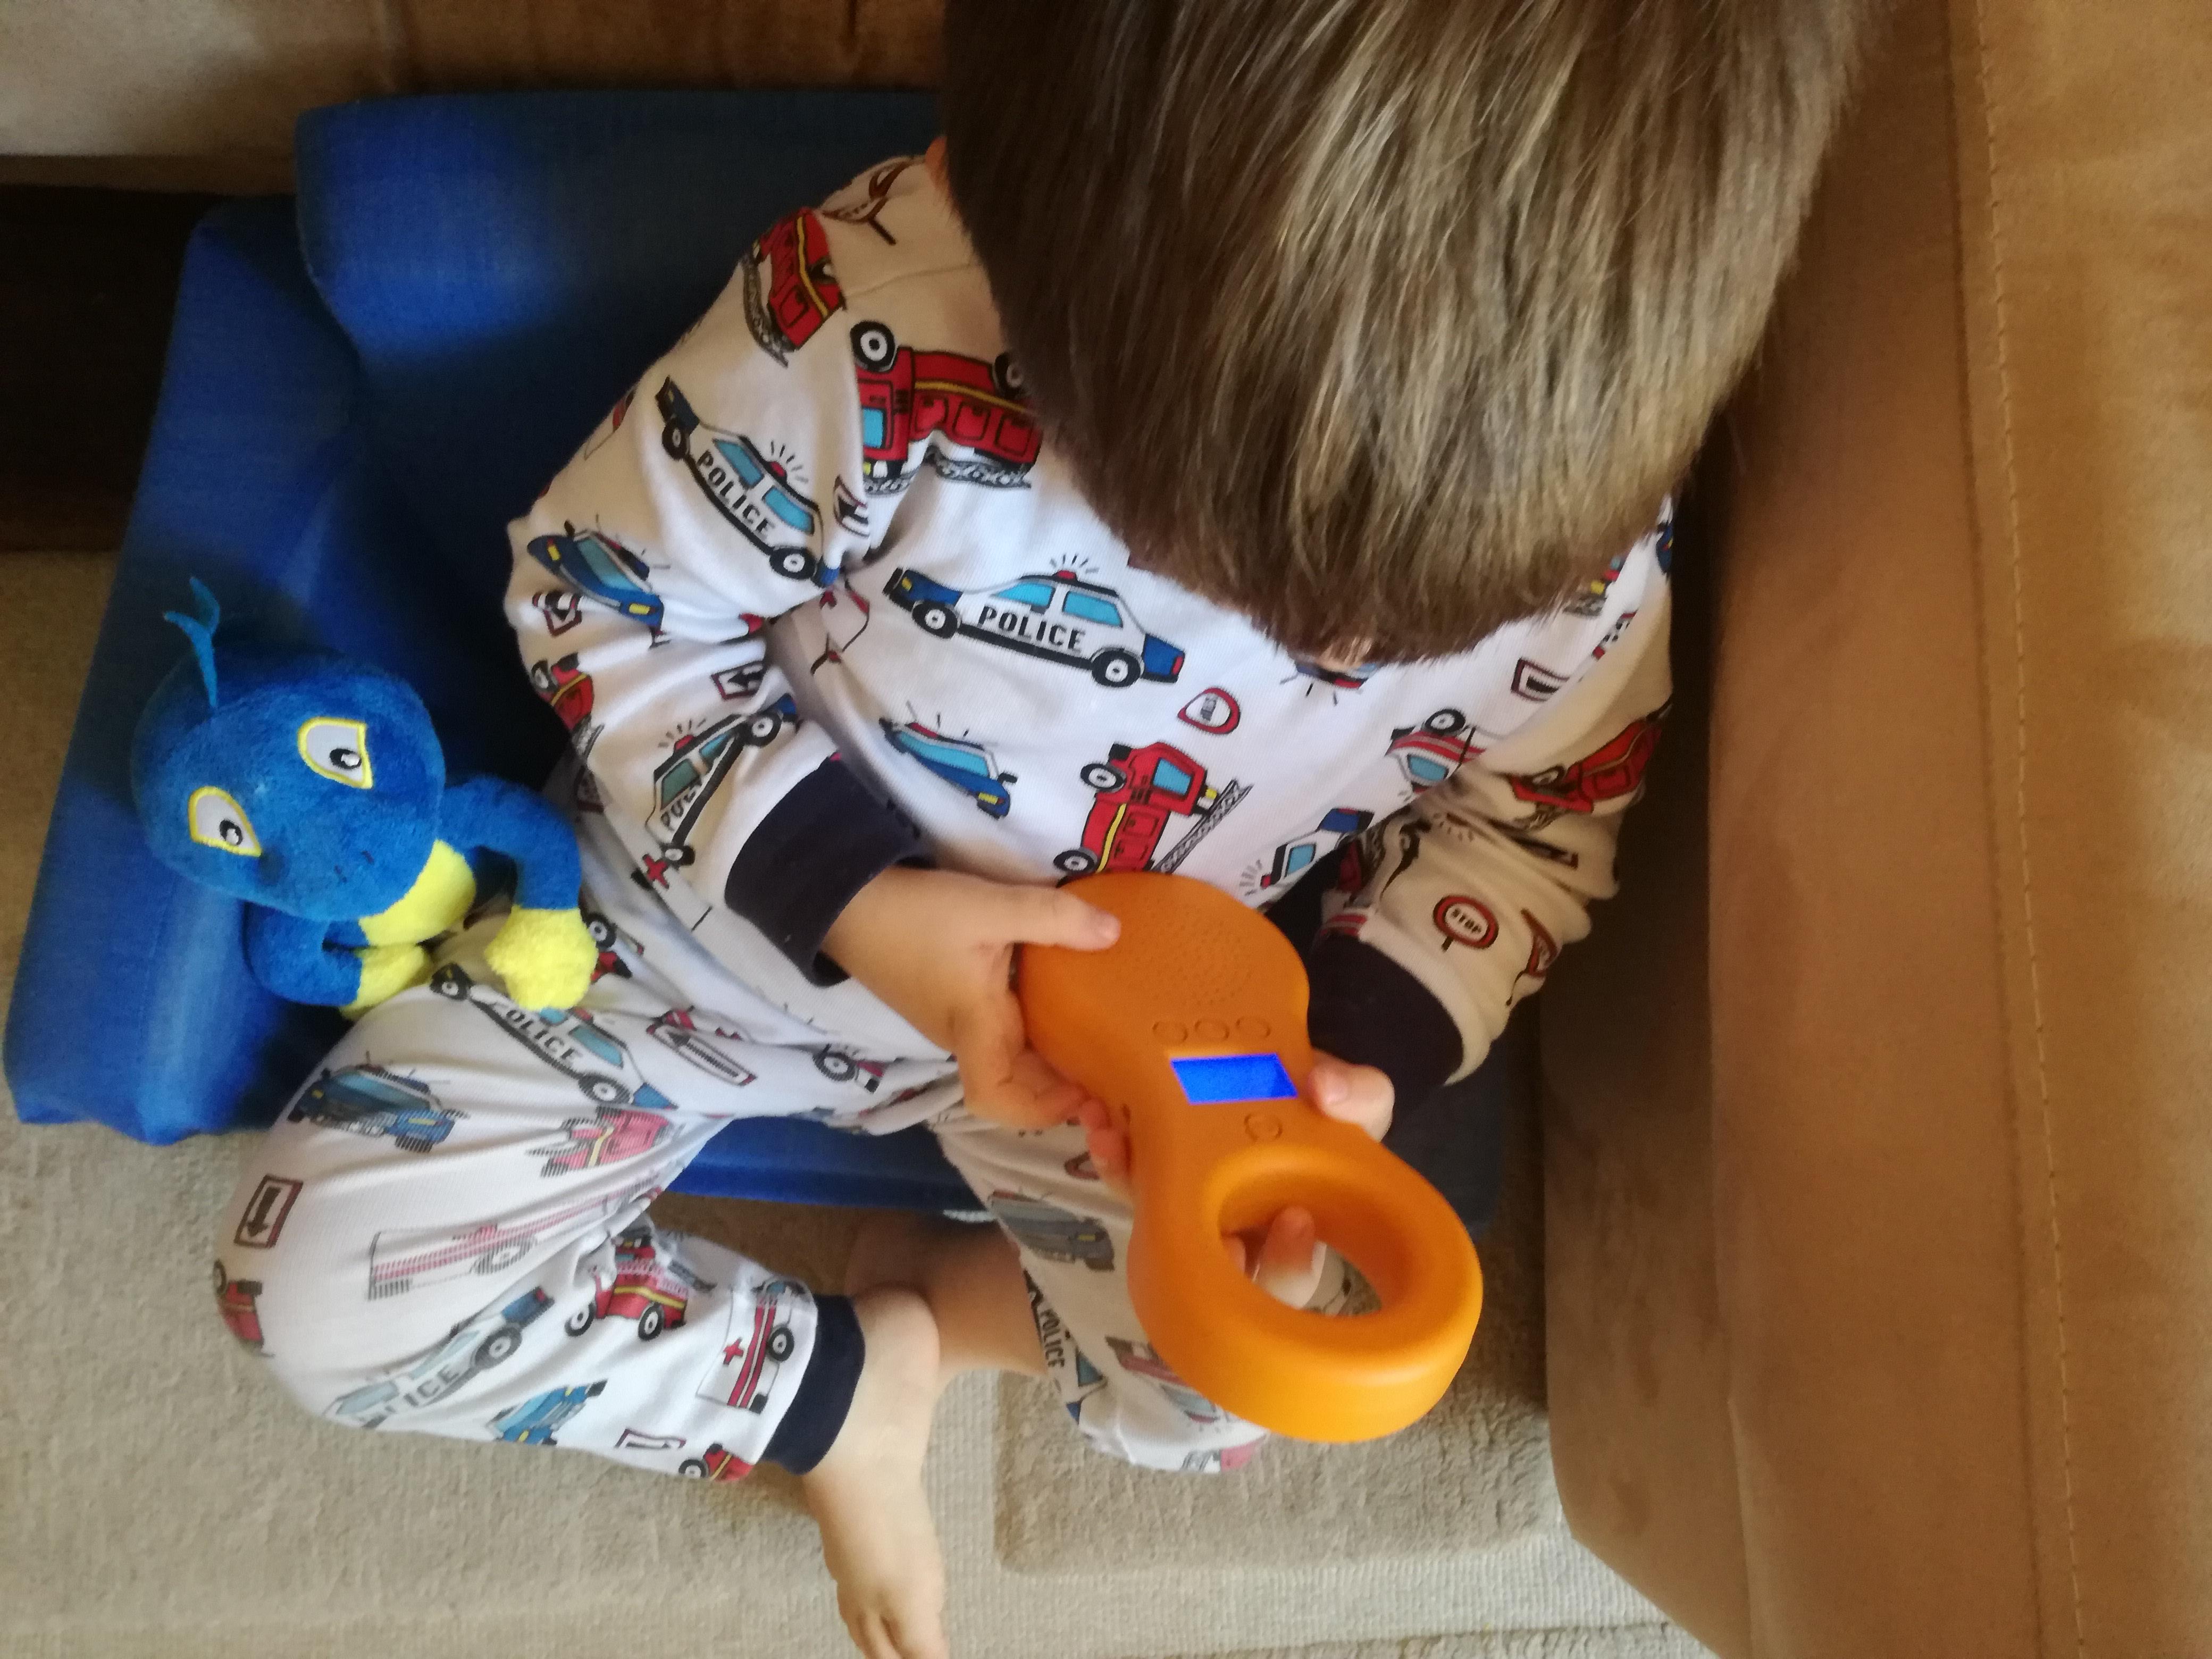 ocarina lettore mp3 per bambini paky